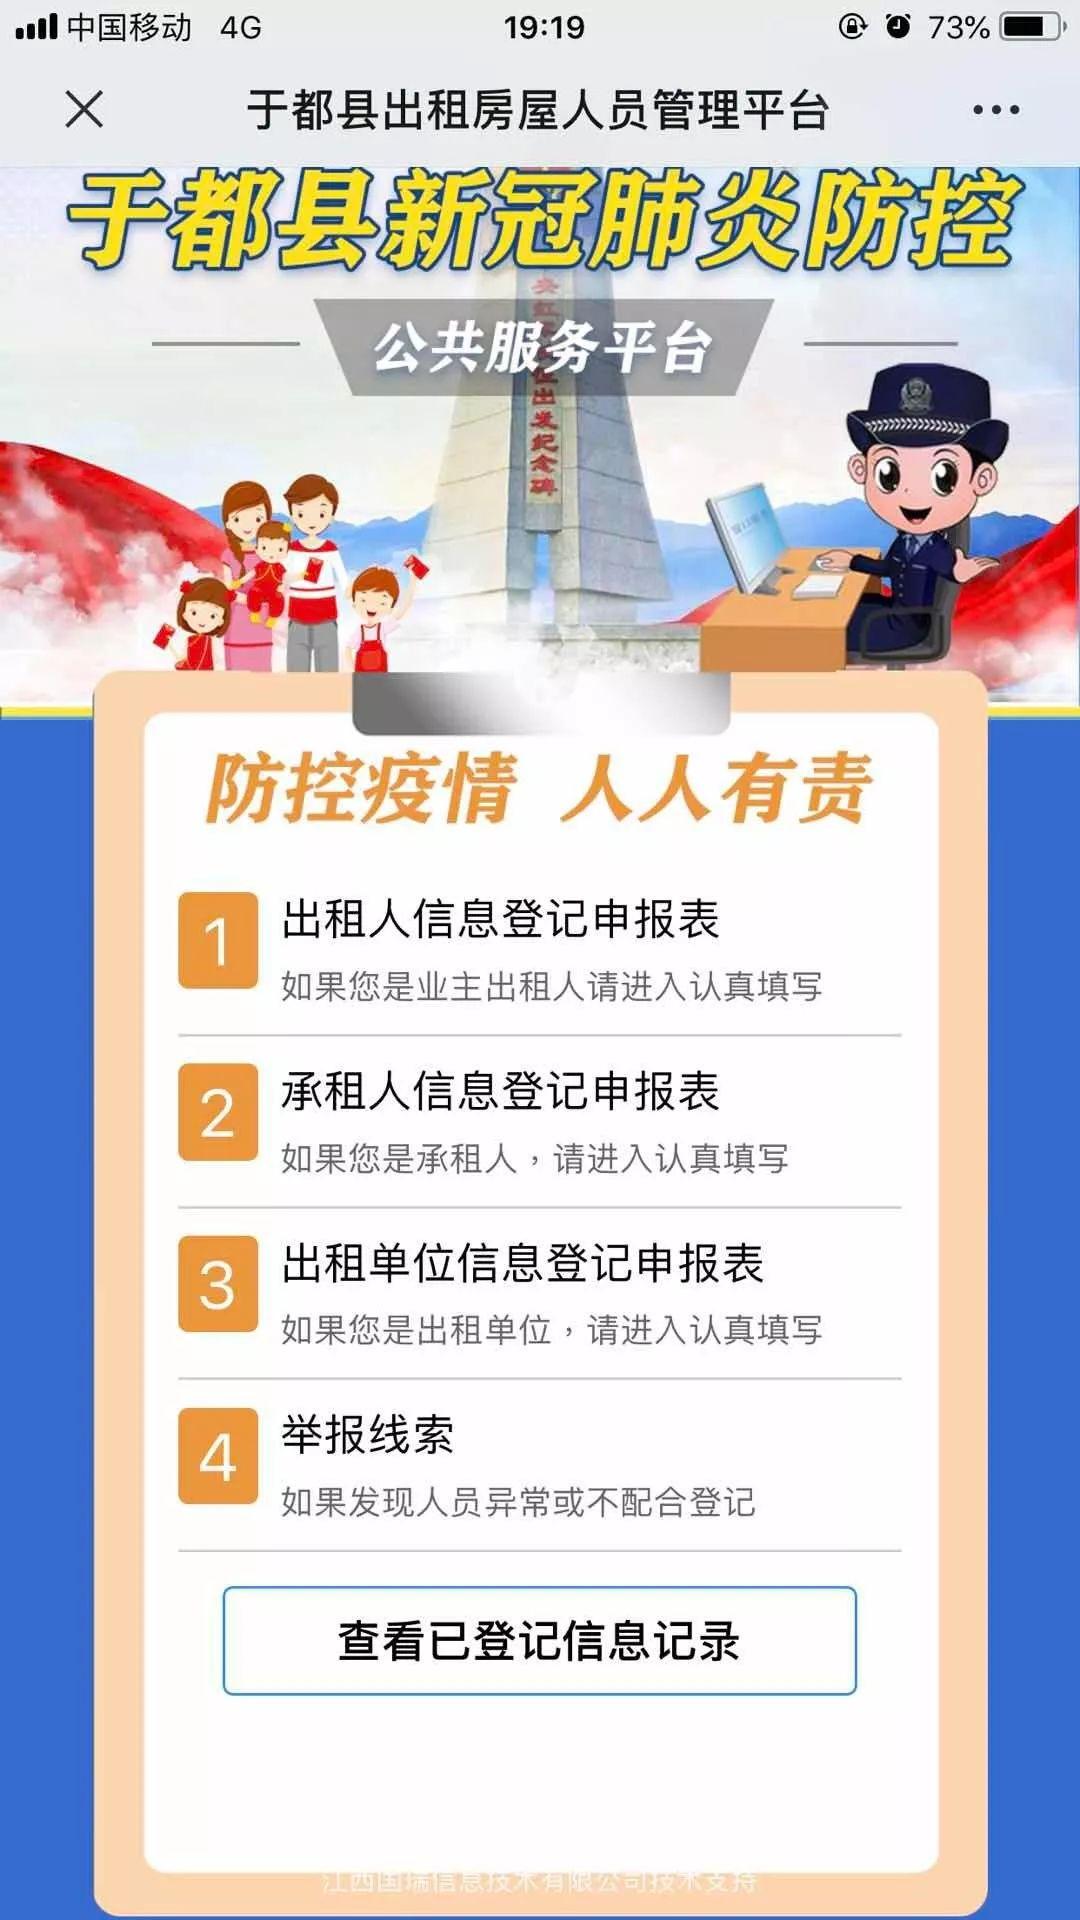 流动人口定义_上海:未按规定登记流动人口信息将面临处罚